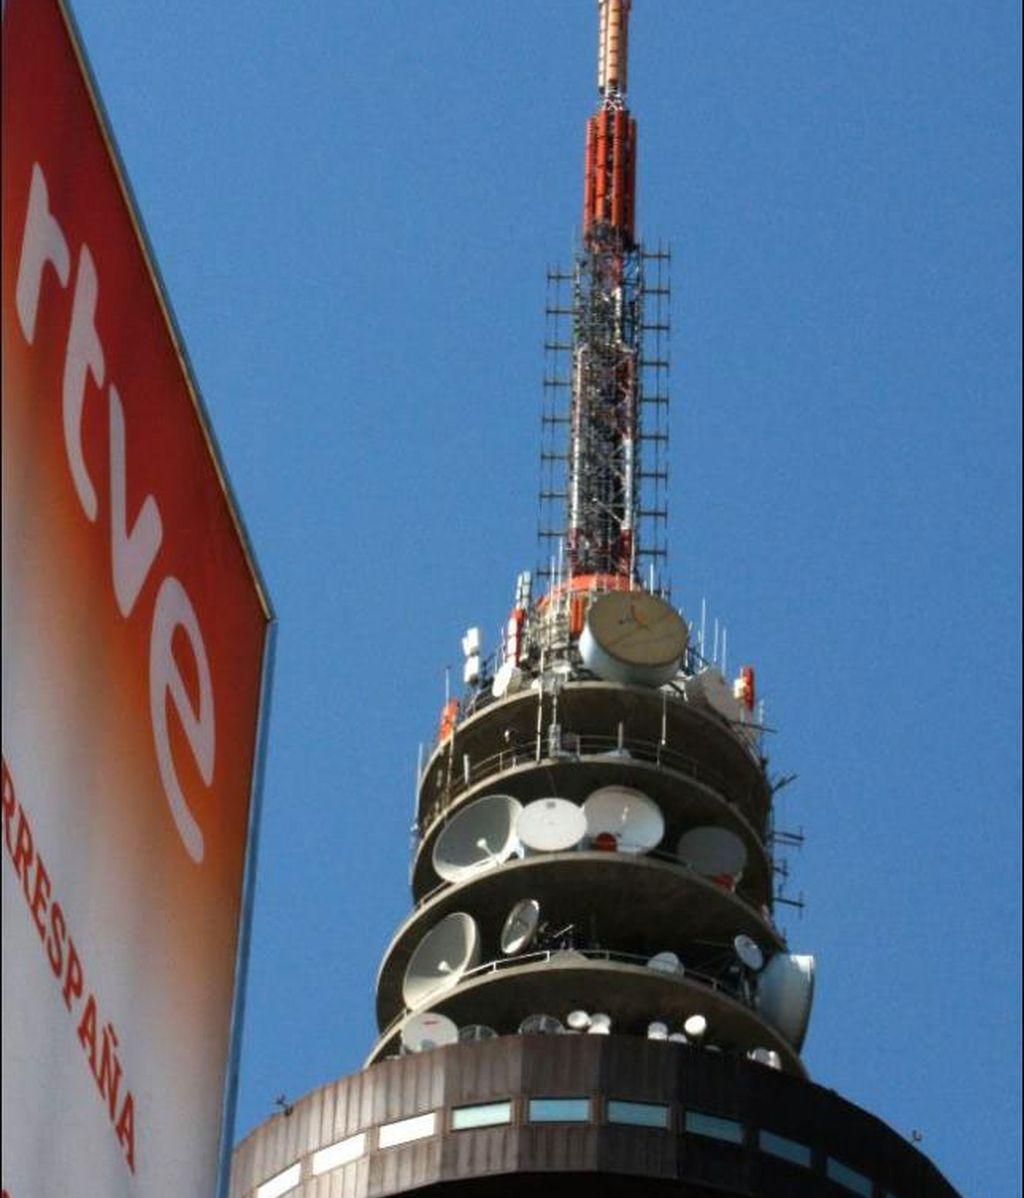 El Consejero de Administración de RTVE dará marcha atrás en su decición de controlar la elaboración de los informativos